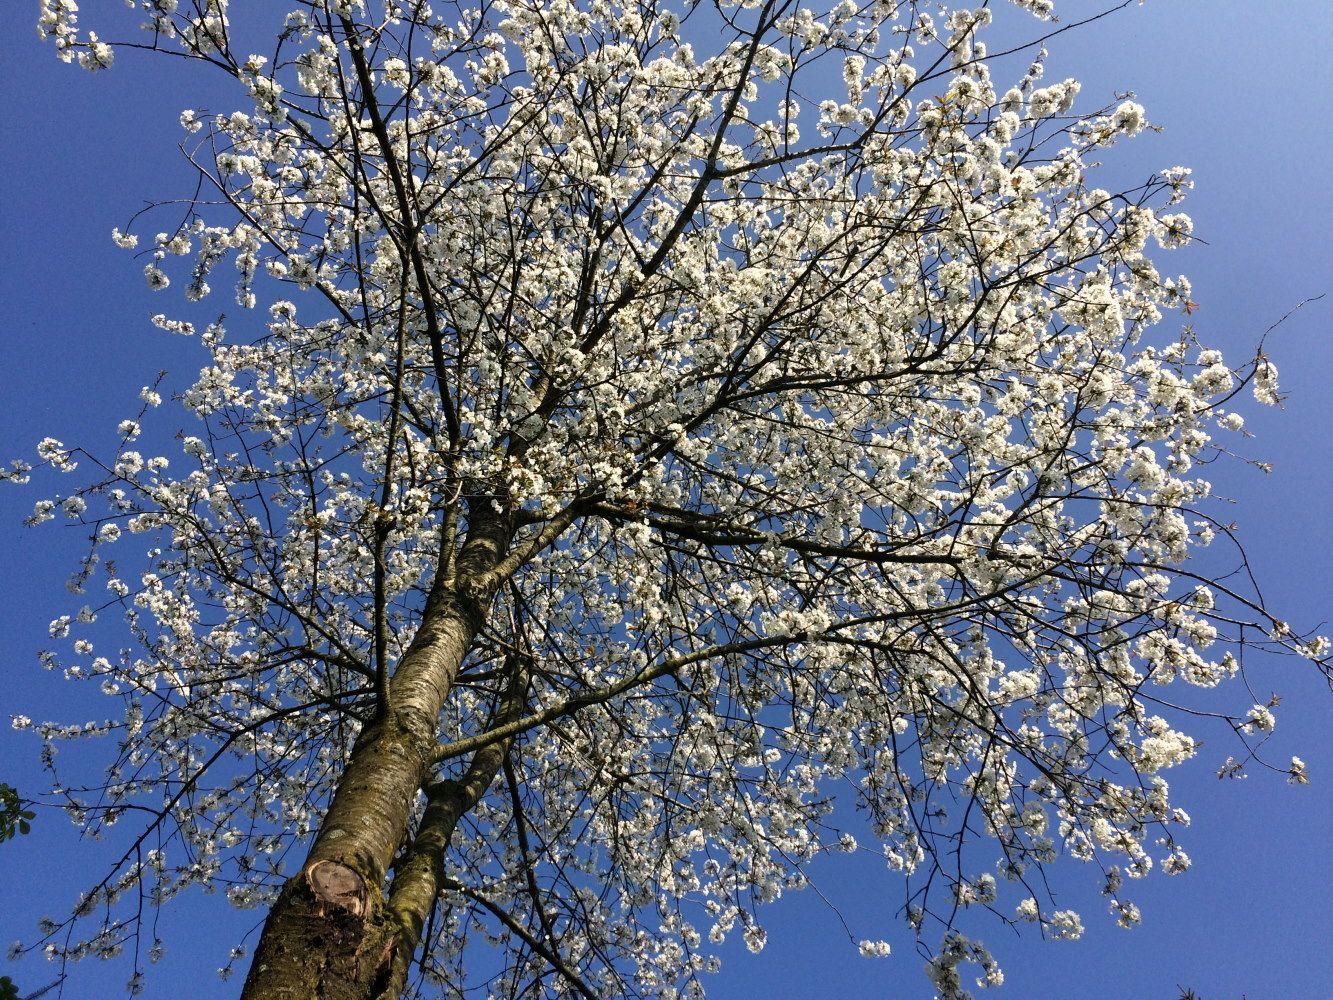 Merisier en fleur, Arbres et arbustes - MonSitePhotos ...